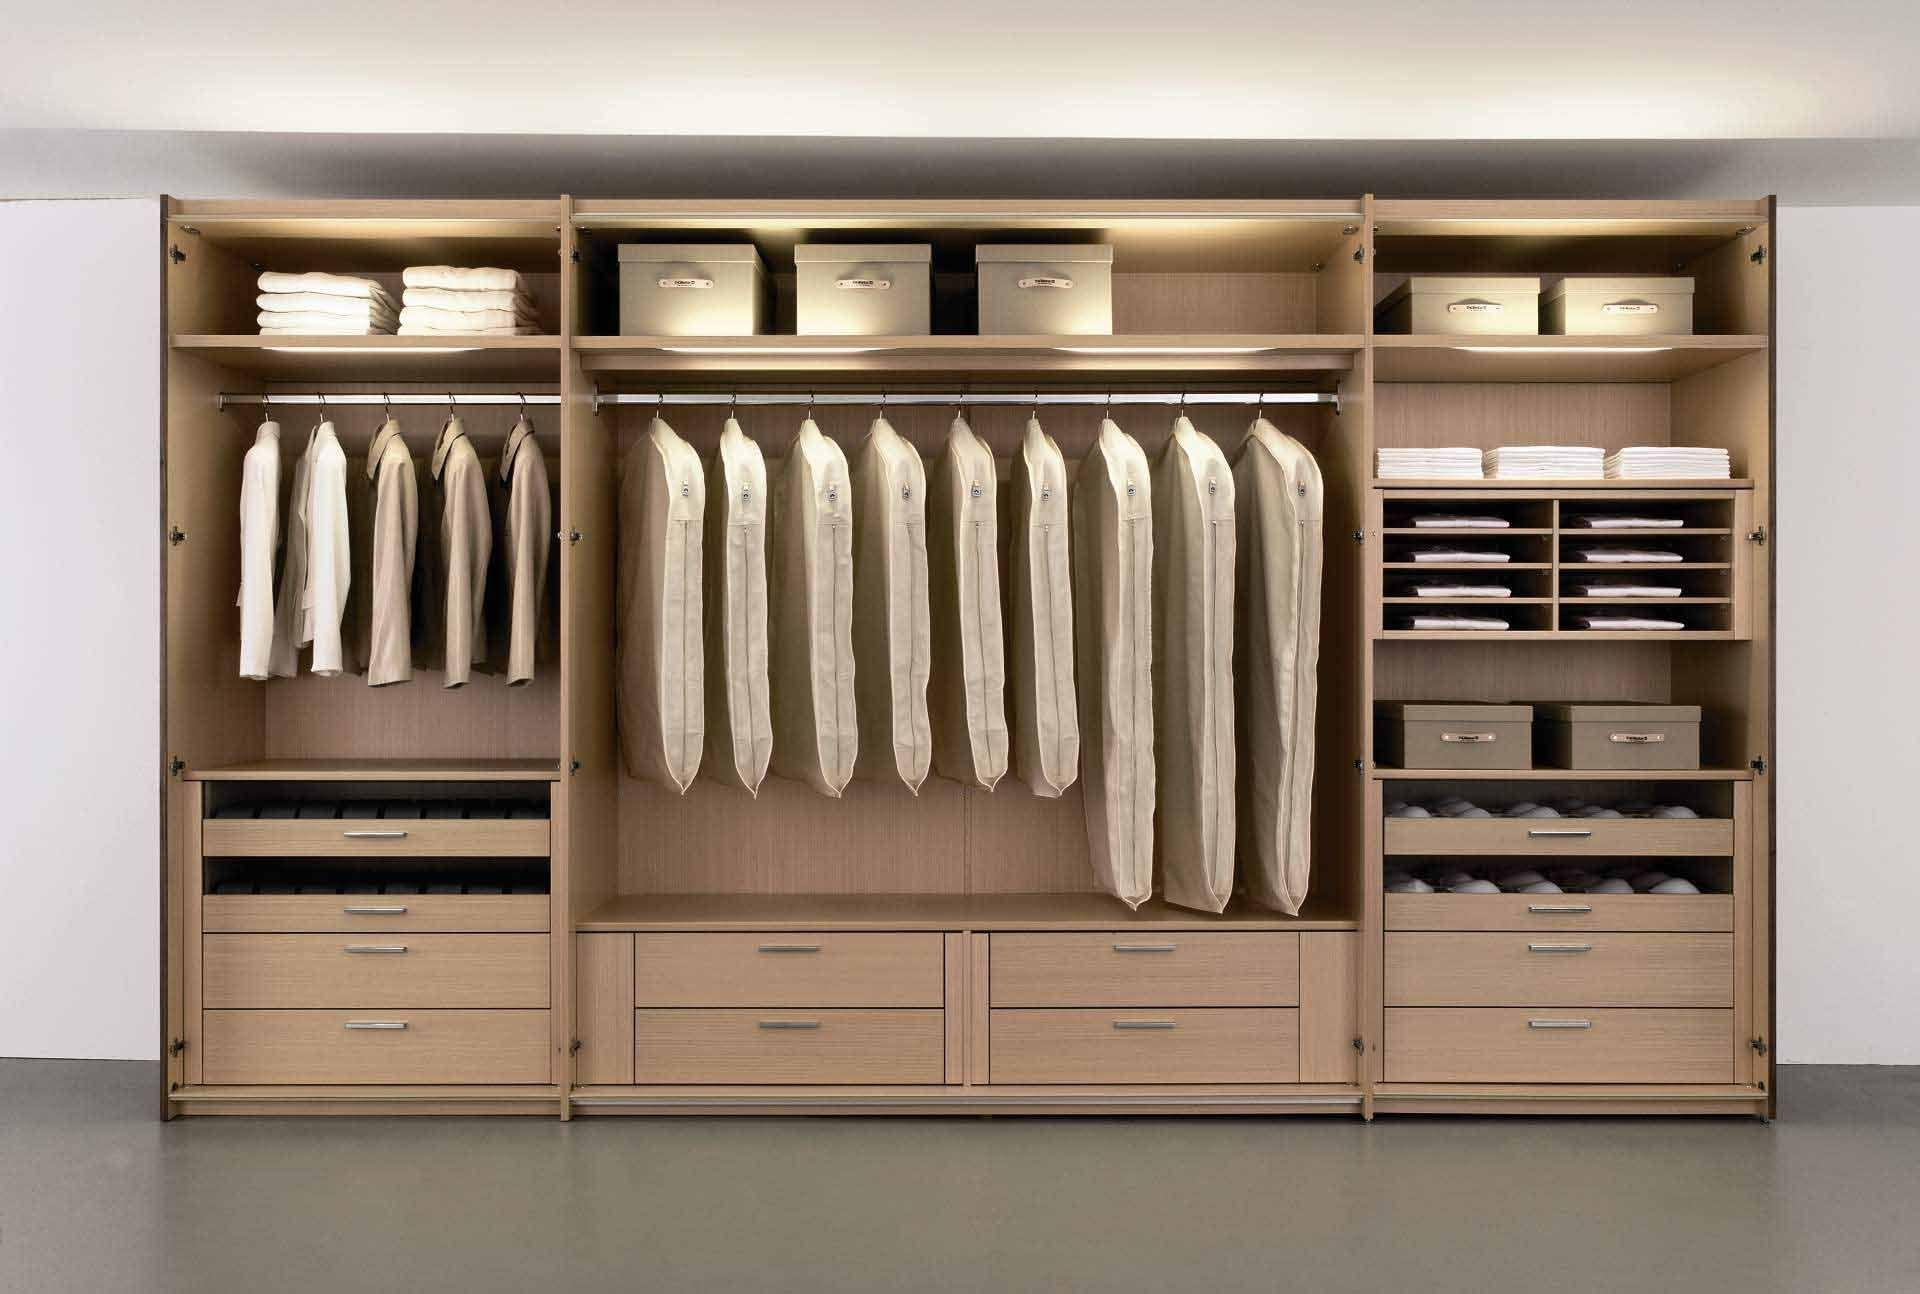 Desain Lemari Pakaian Modern Untuk Desain Interior Modern | Tukang ...